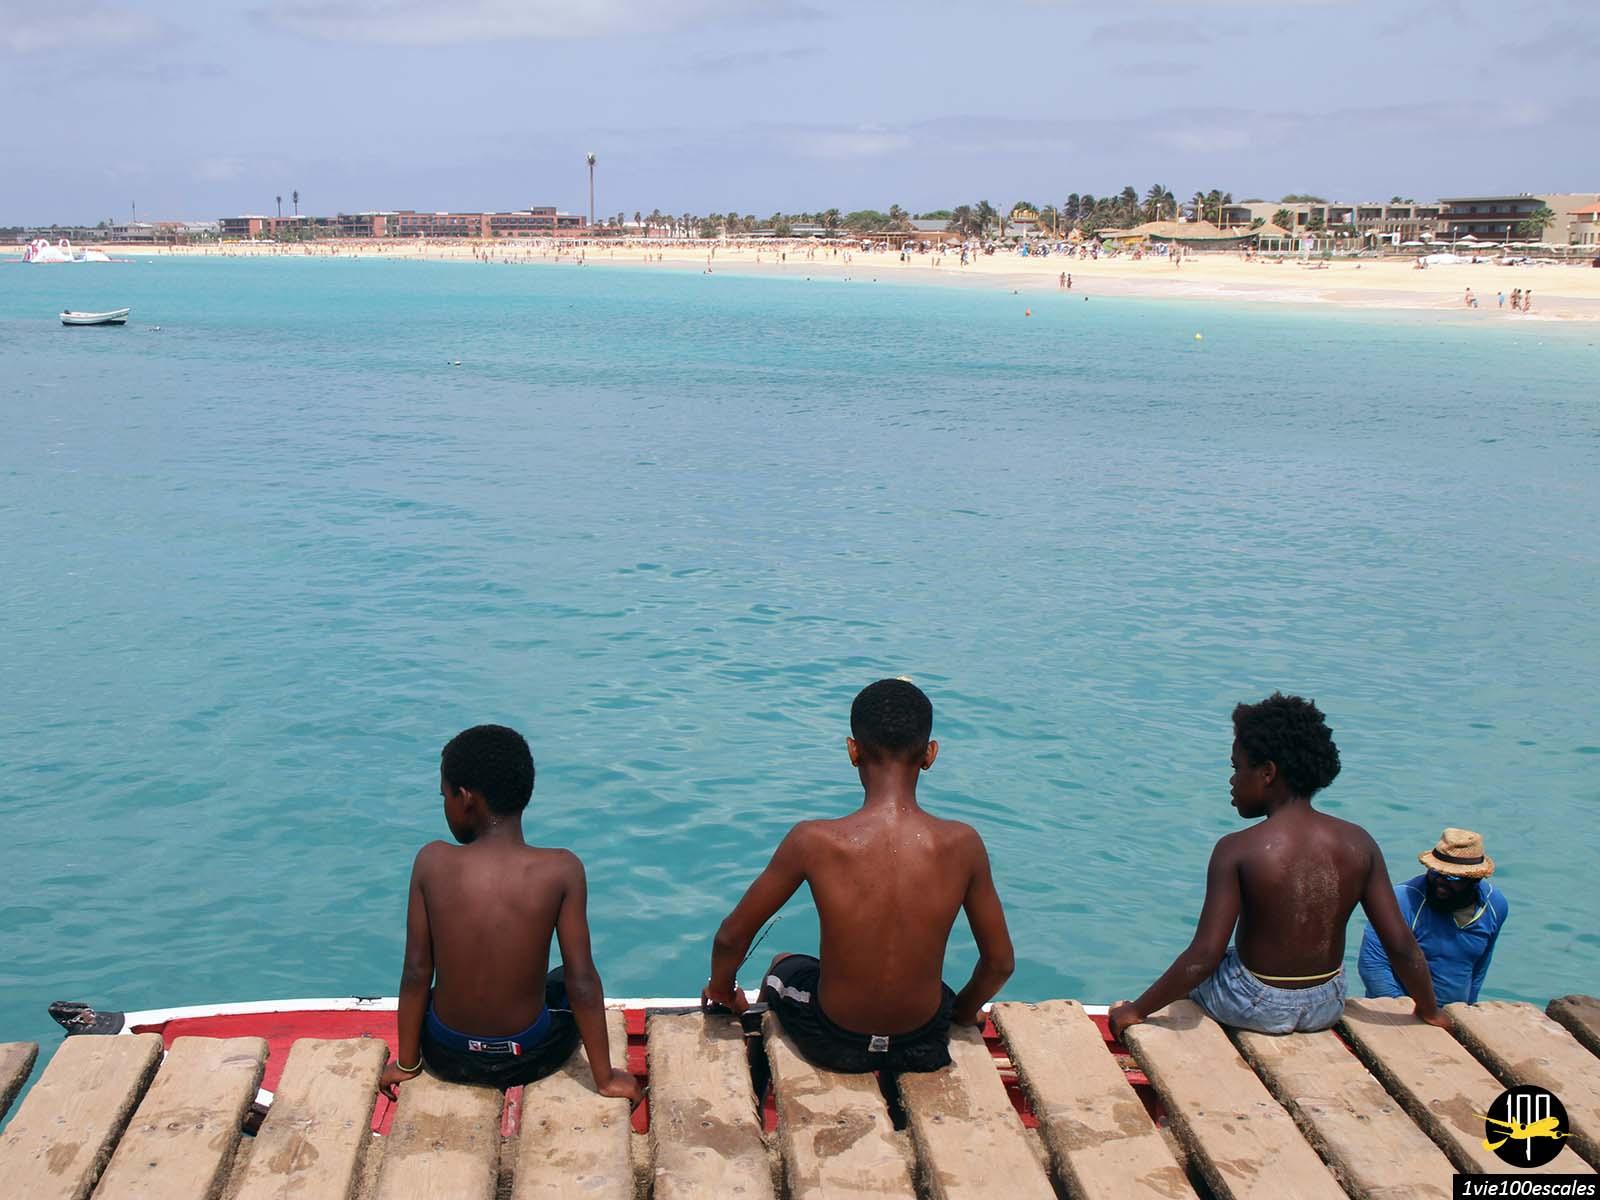 Les enfants jouant sur le ponton à l'arrivée des pêcheurs à Santa Maria sur l'île de Sal